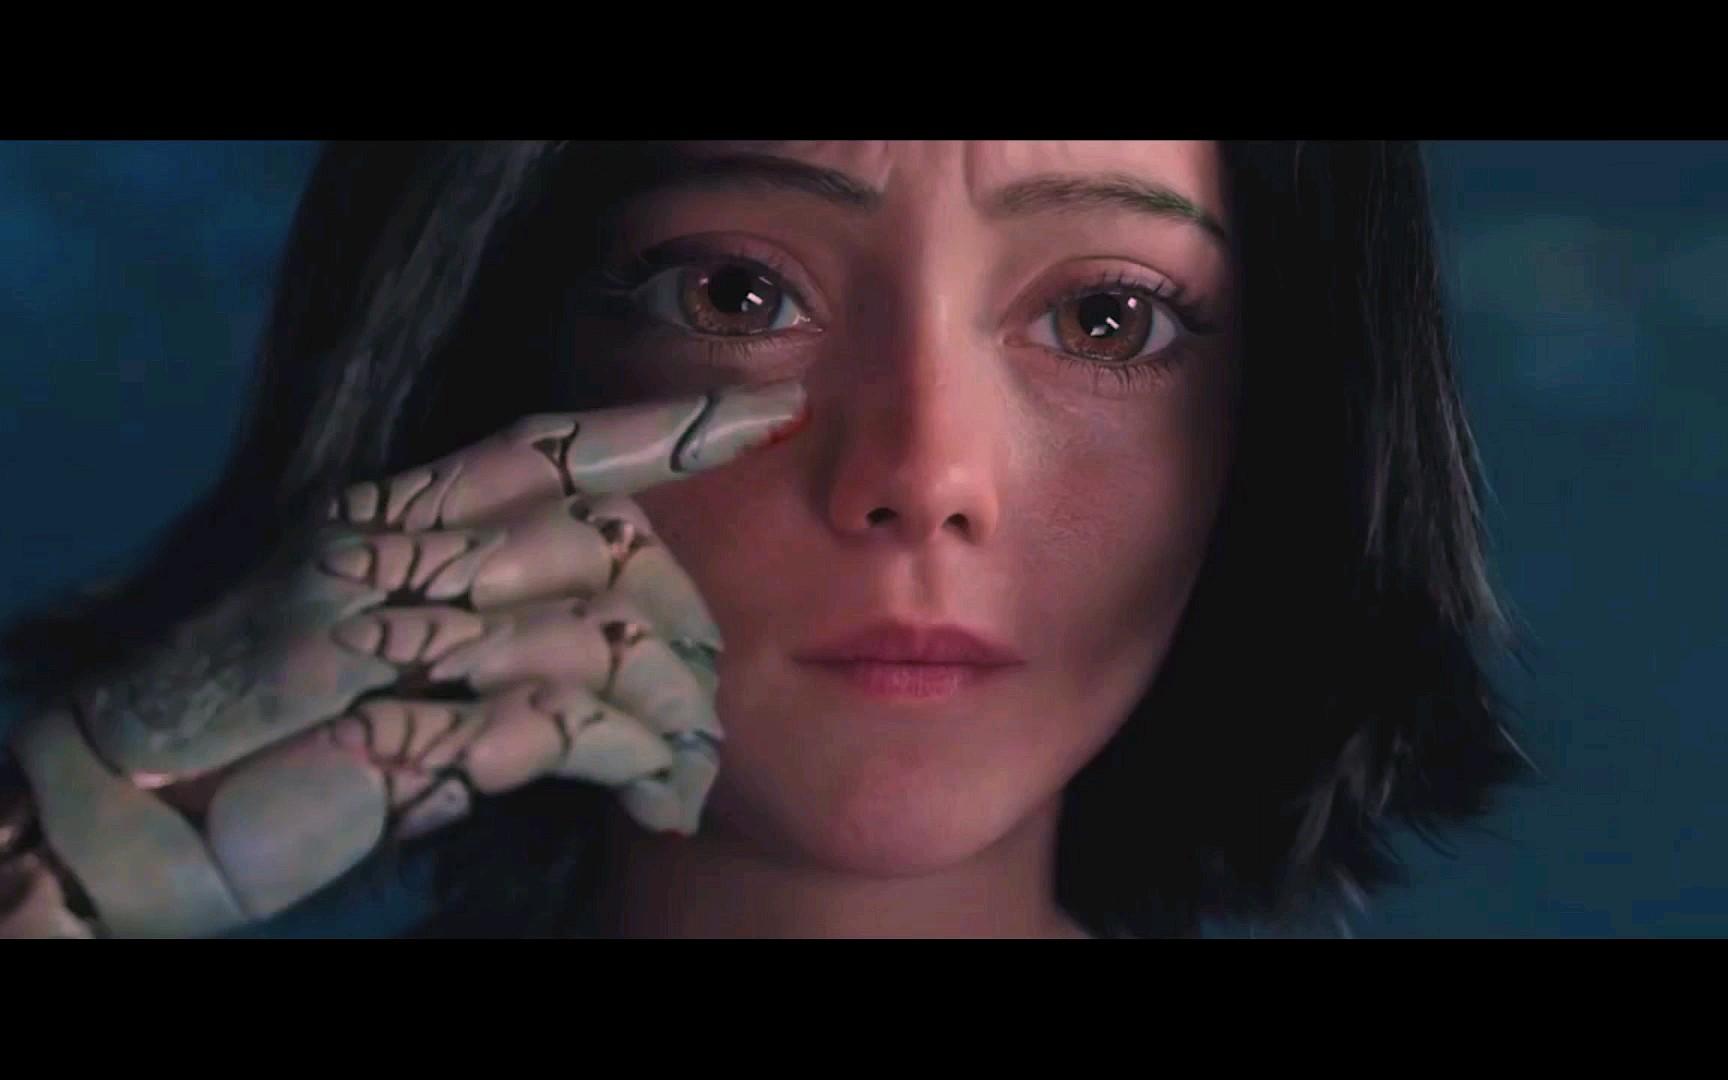 非常好看的电影《阿丽塔》超酷炫镜头!图片